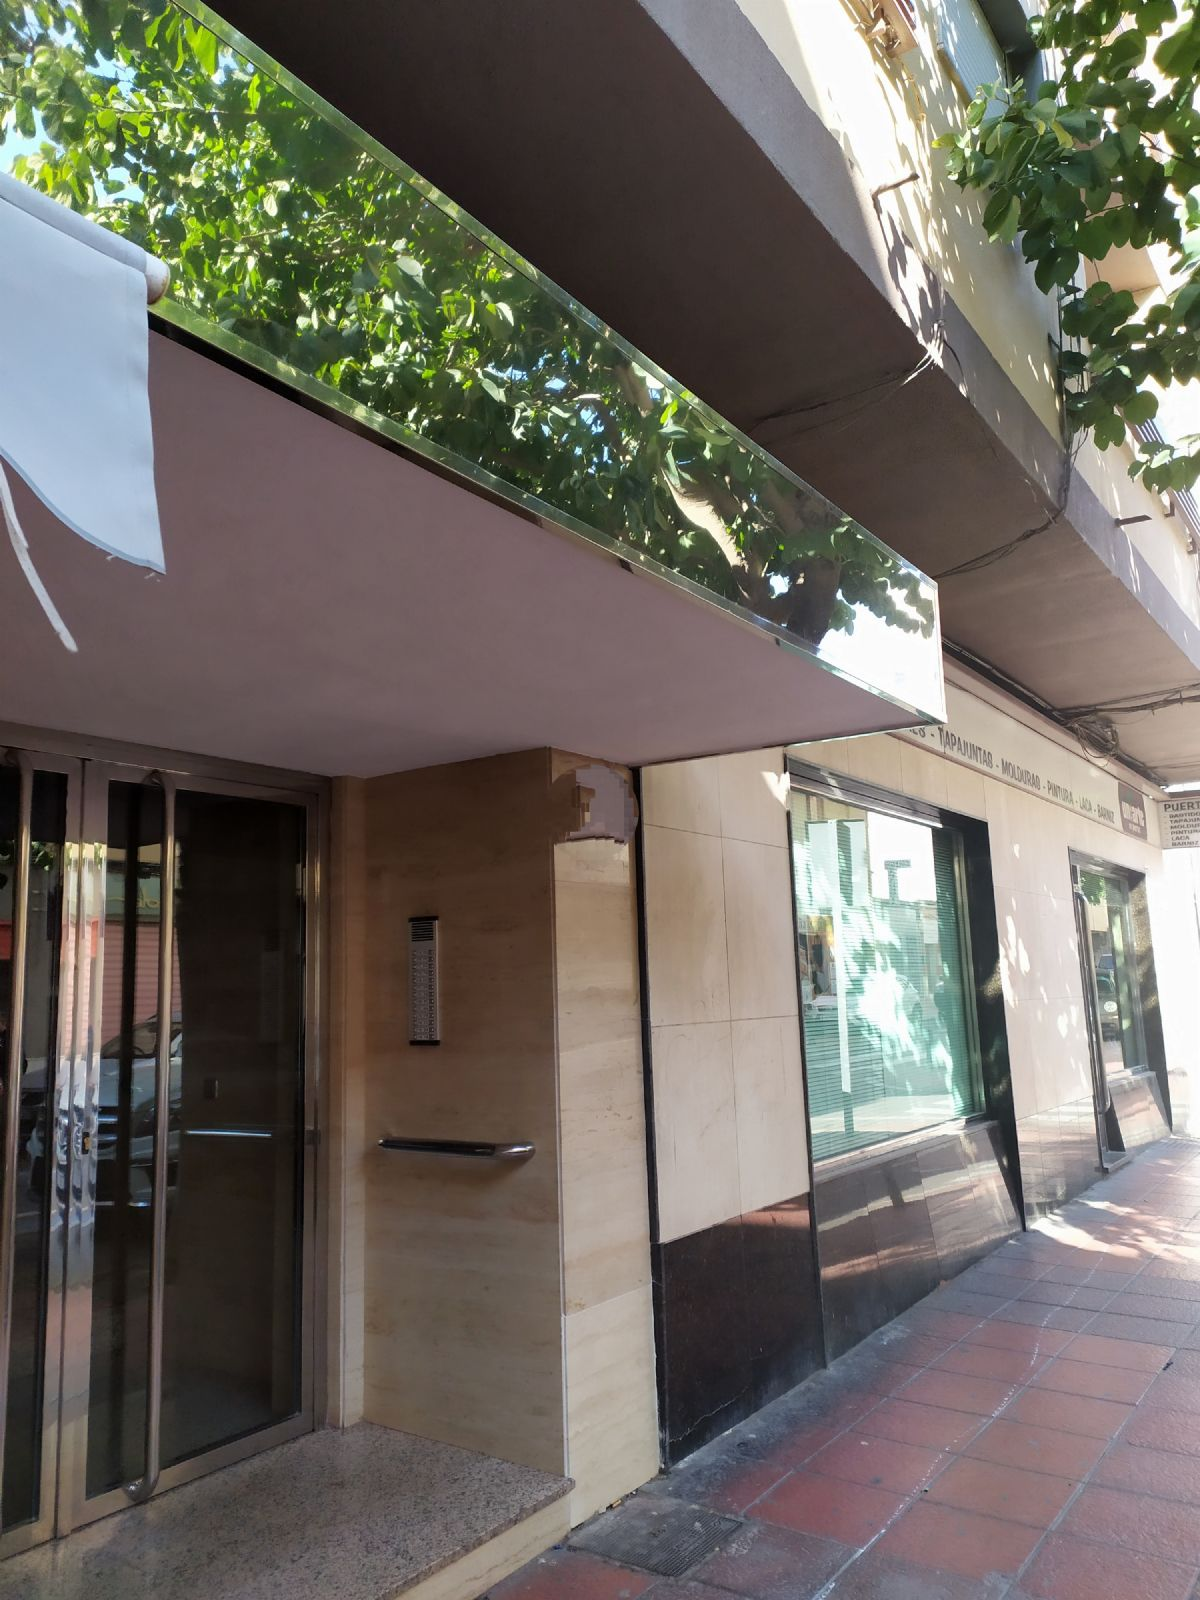 Piso en venta en 40001, Almería, Almería, Calle Granada, 149.999 €, 4 habitaciones, 1 baño, 108 m2